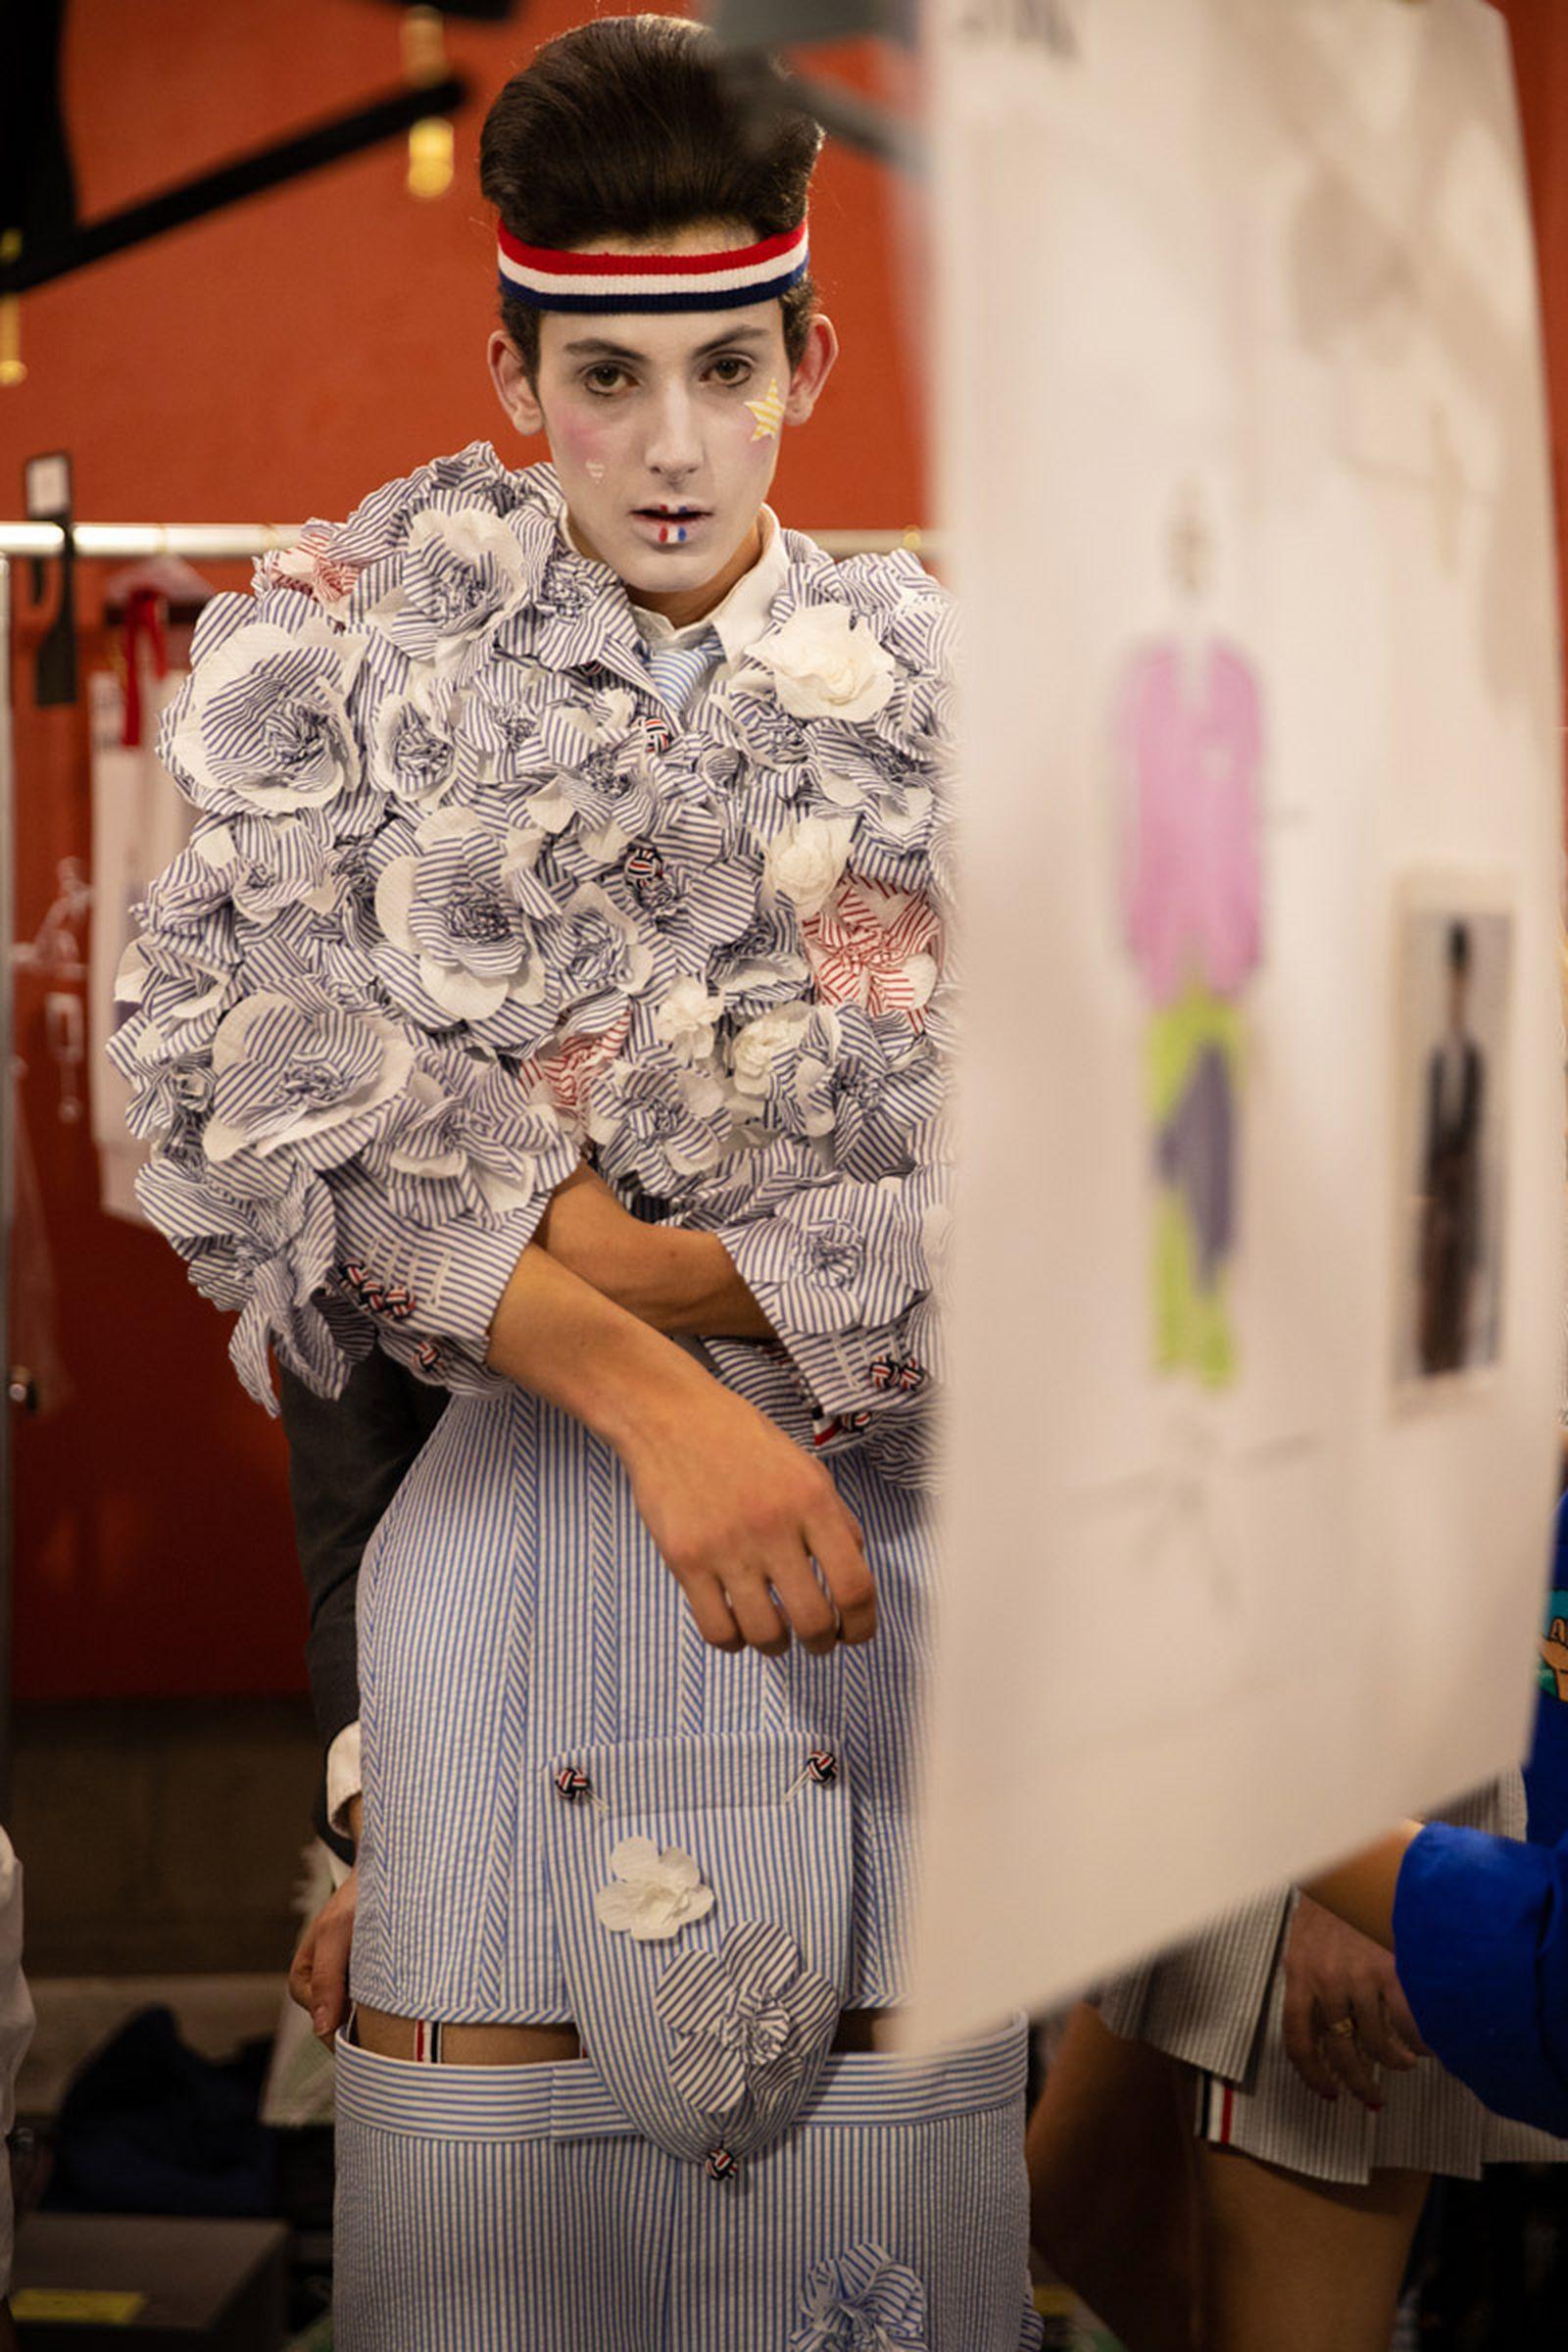 MSS20 Paris Thom Browne Eva Al Desnudo For web 17 paris fashion week runway